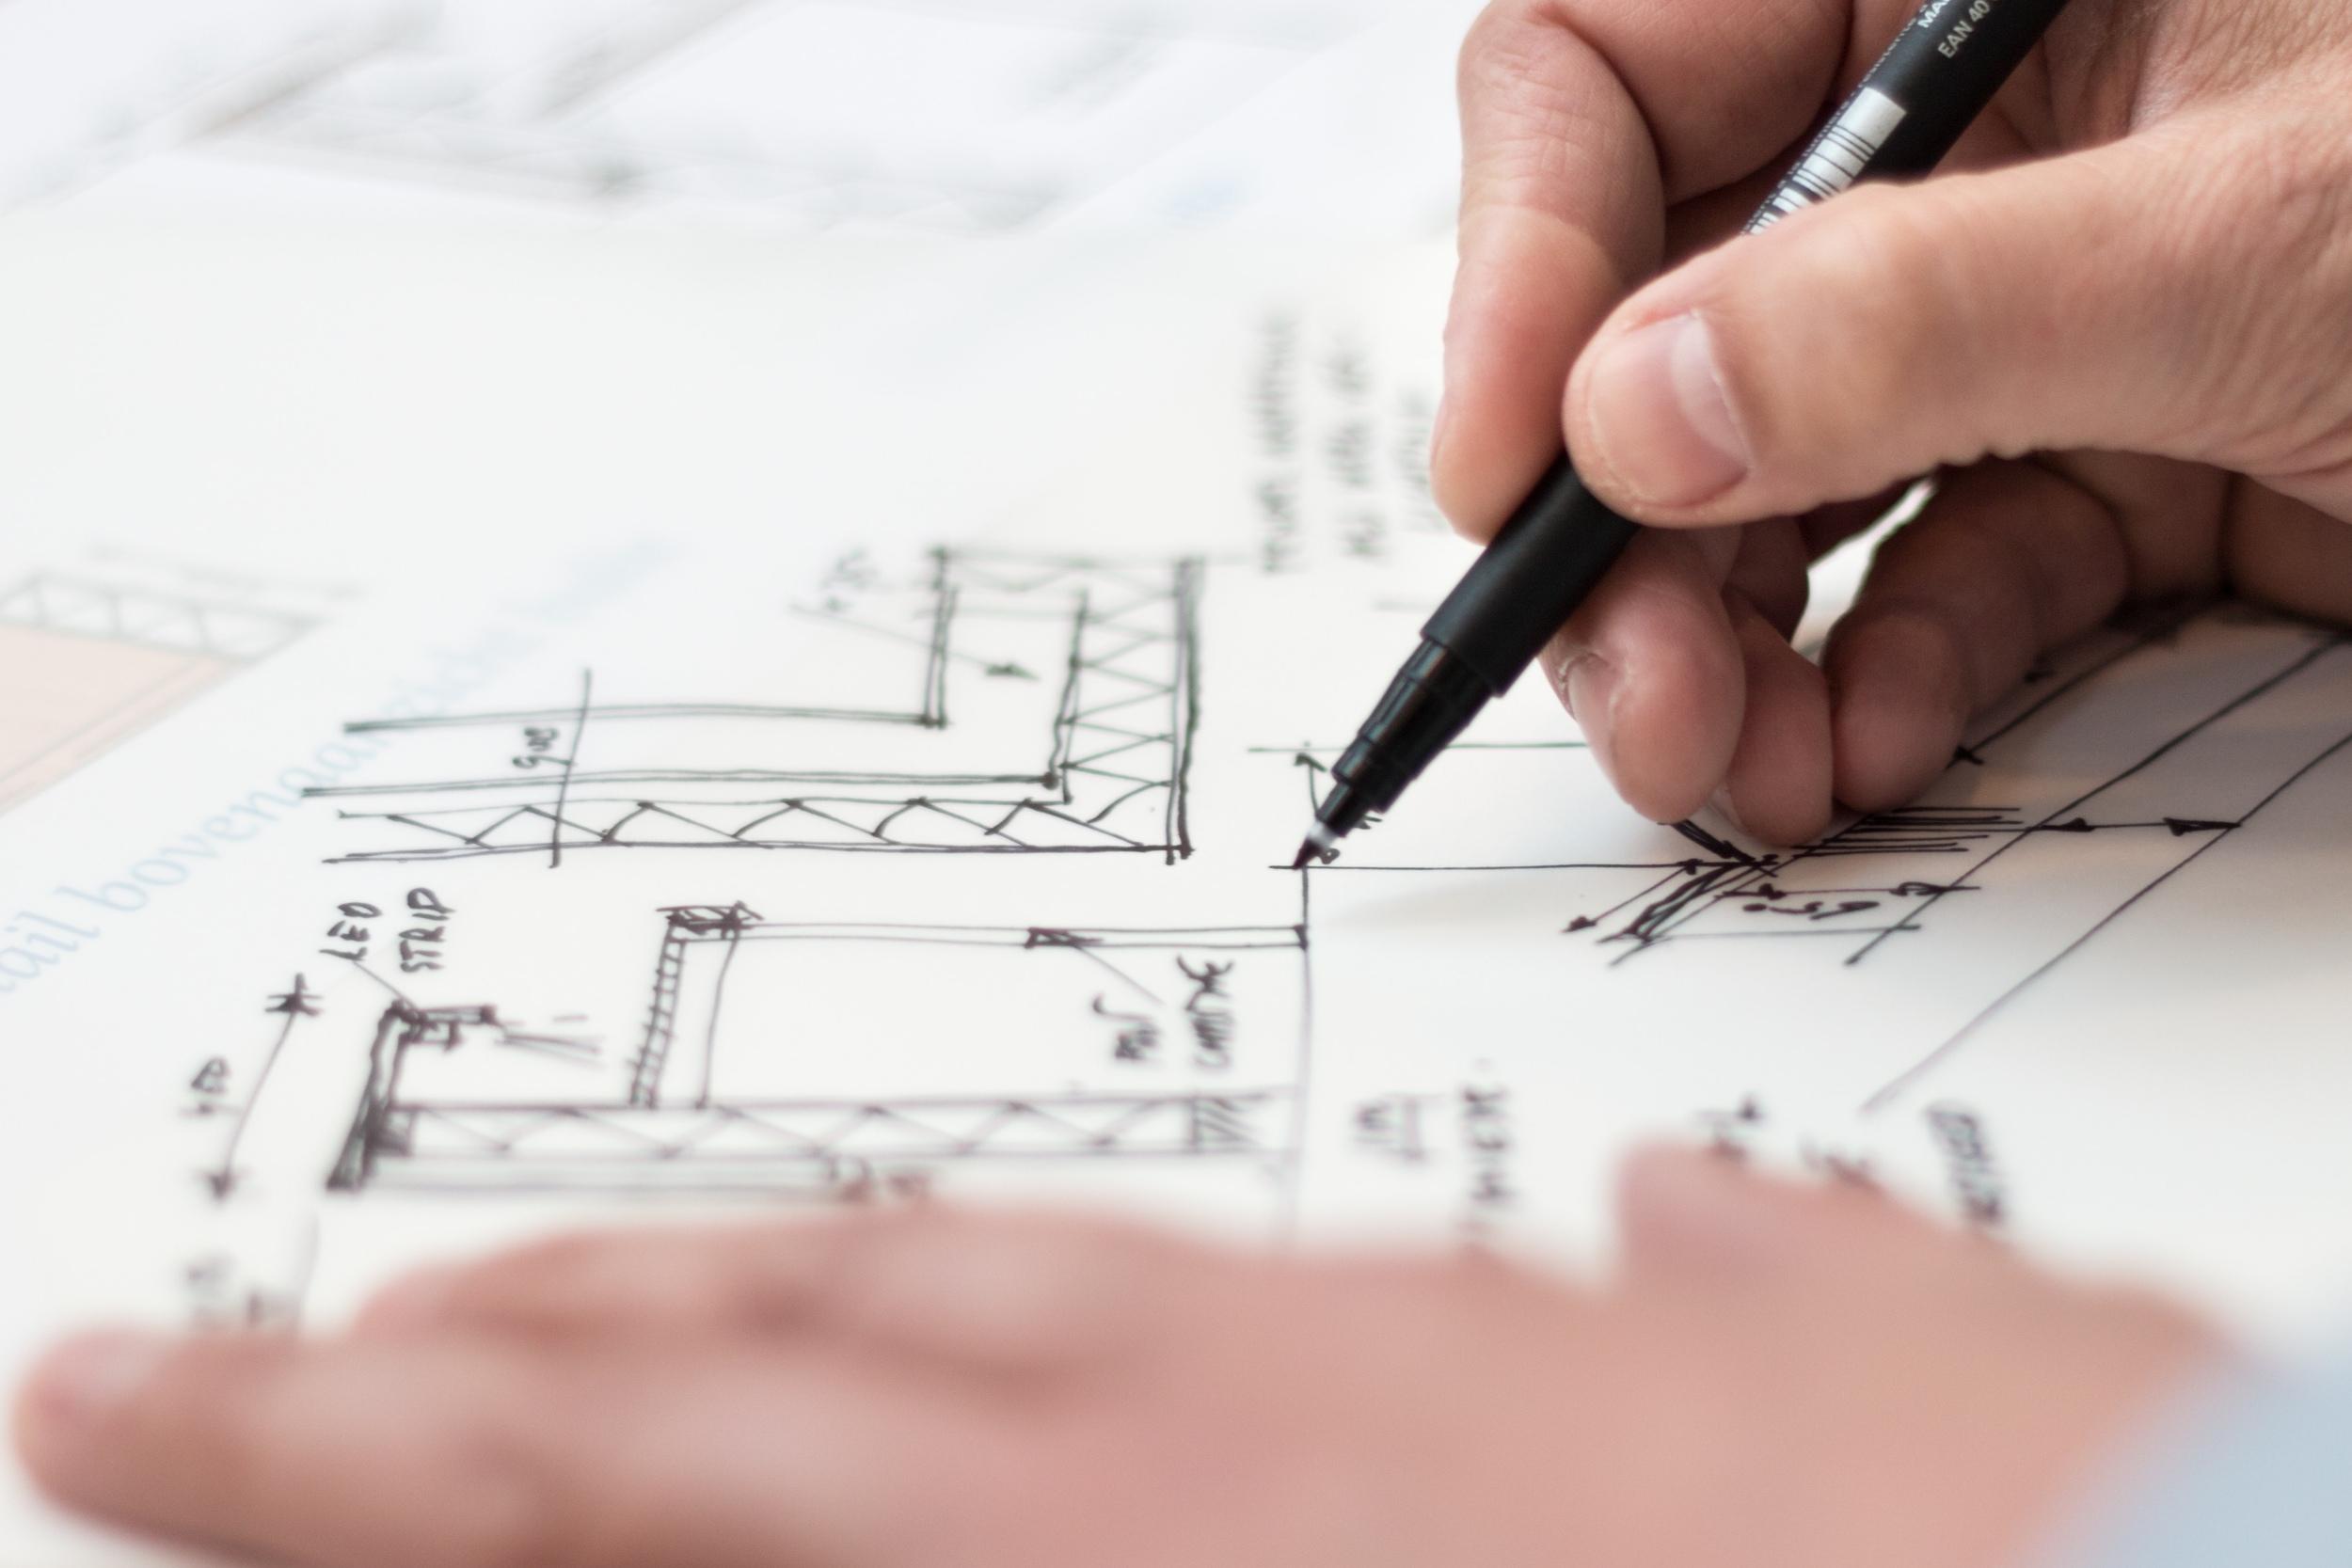 virtualfm_services_matterport-drawing-plans